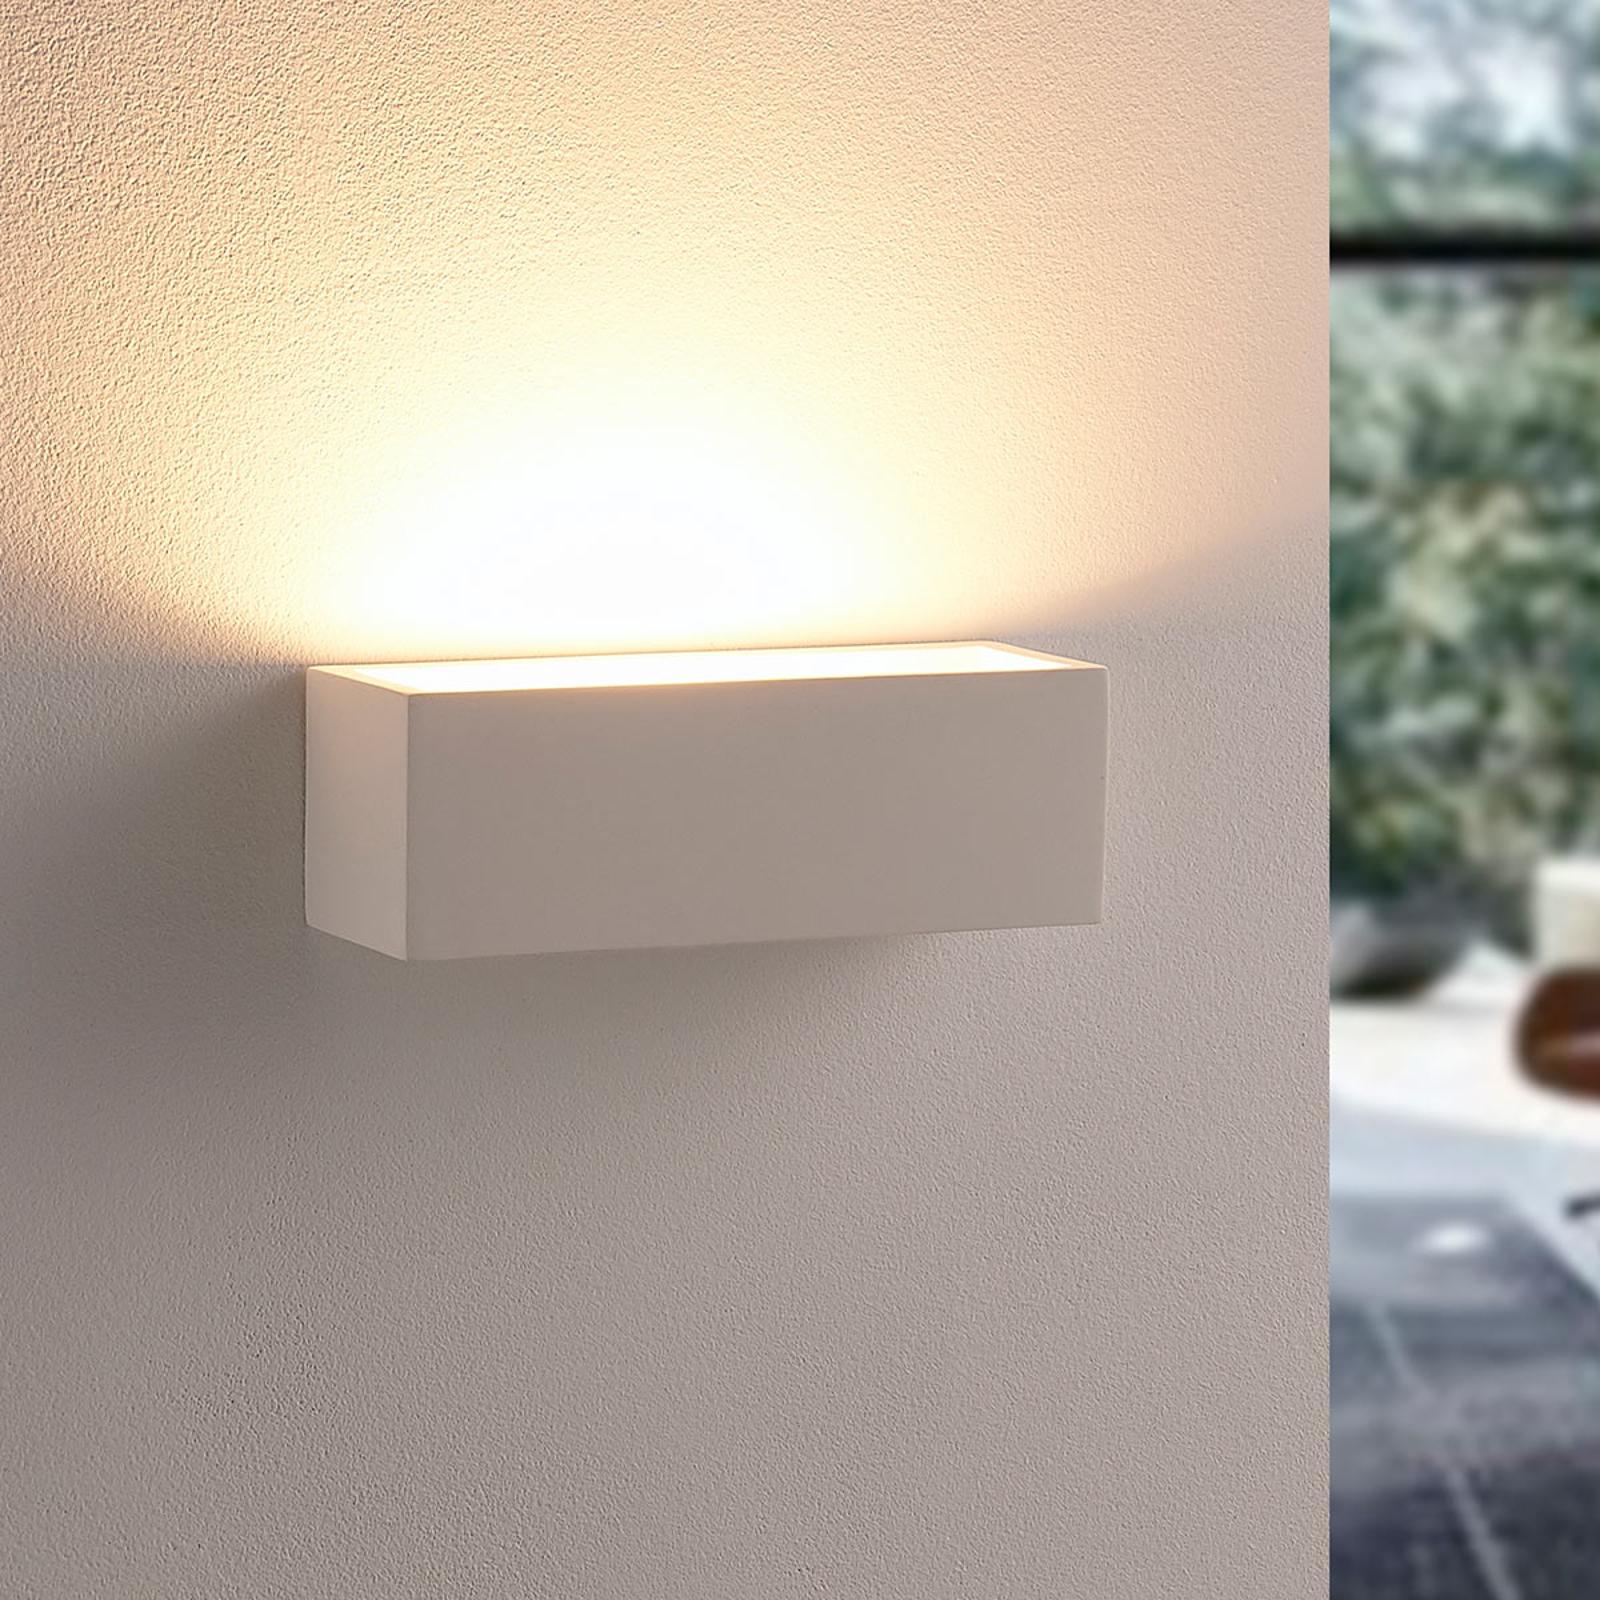 Schlichte LED-Gipswandlampe Santino